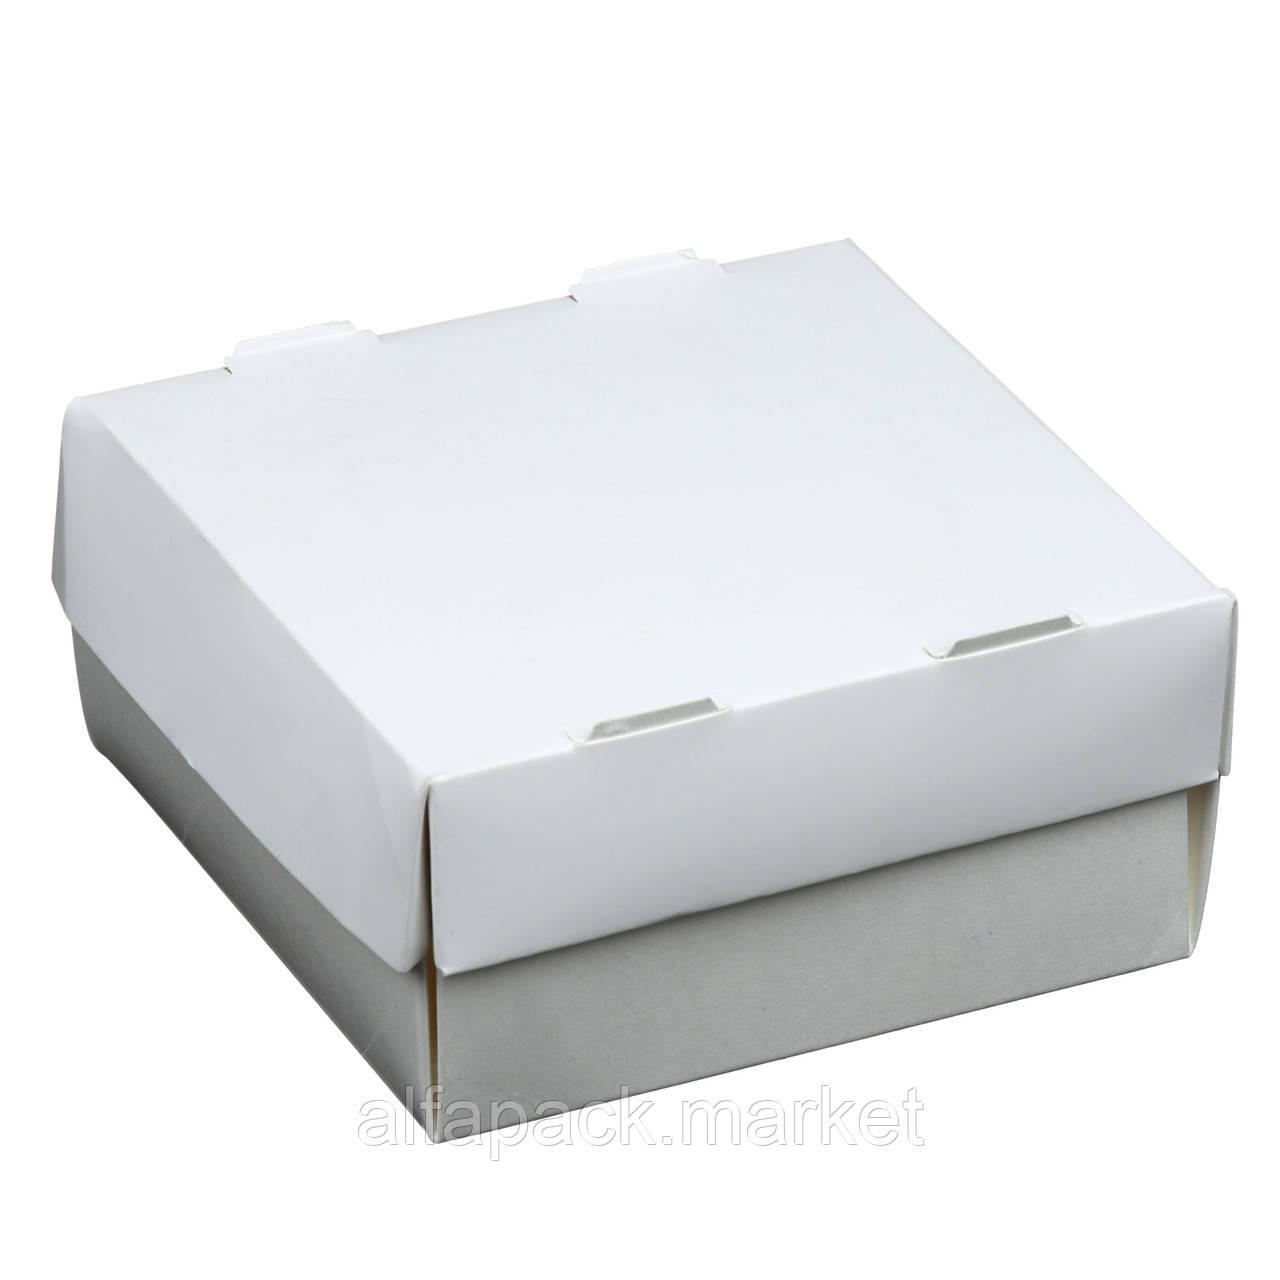 Одноразова картонна упаковка для суші біла (100 шт в упаковці) 010400073